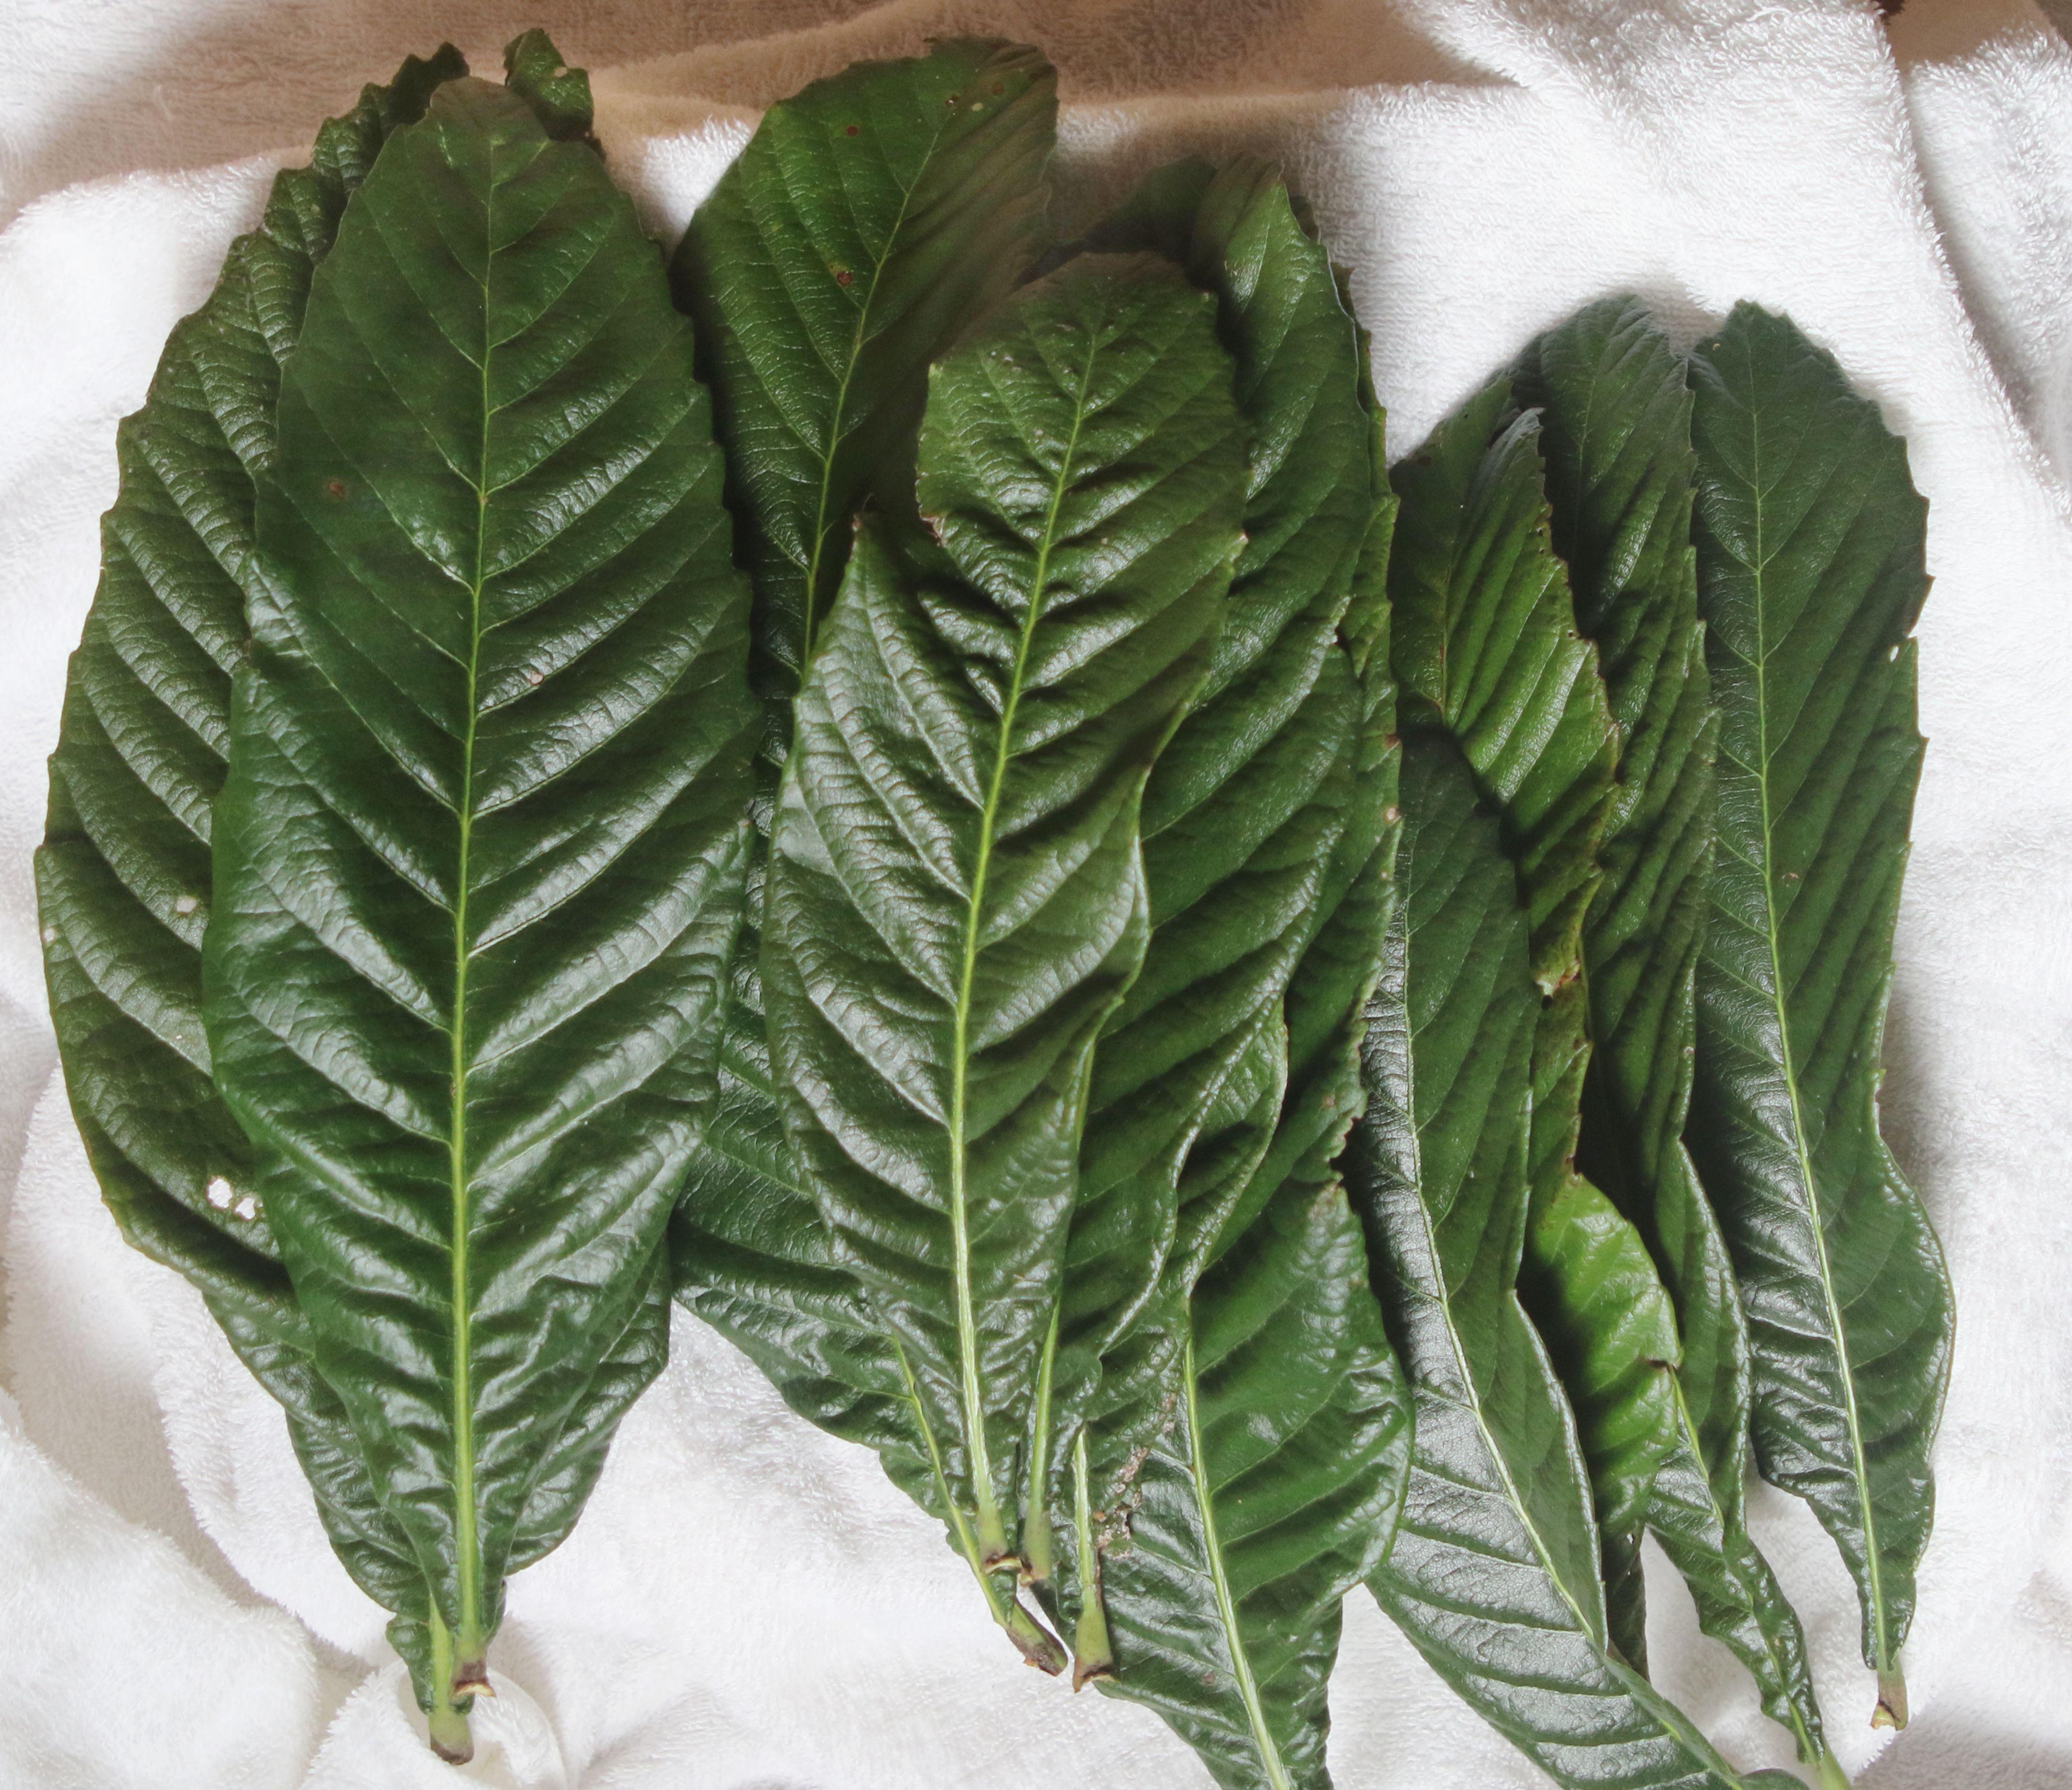 びわの 生葉         「 びわの葉酒用」 20枚  サイズ 中 (150~200g)